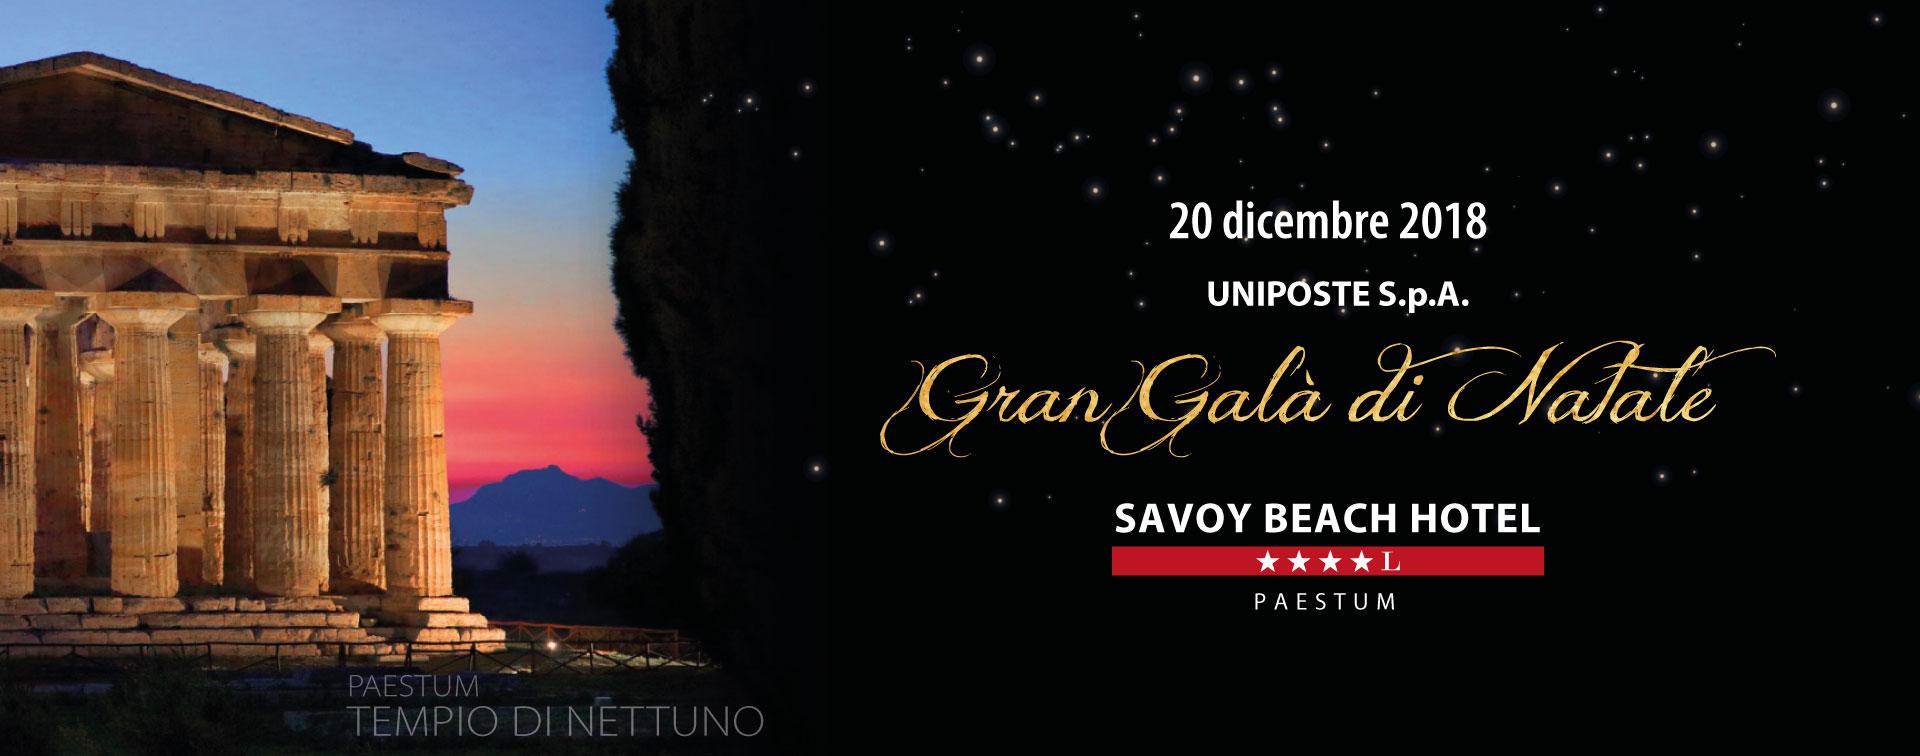 UniPoste Gala dicembre 2018